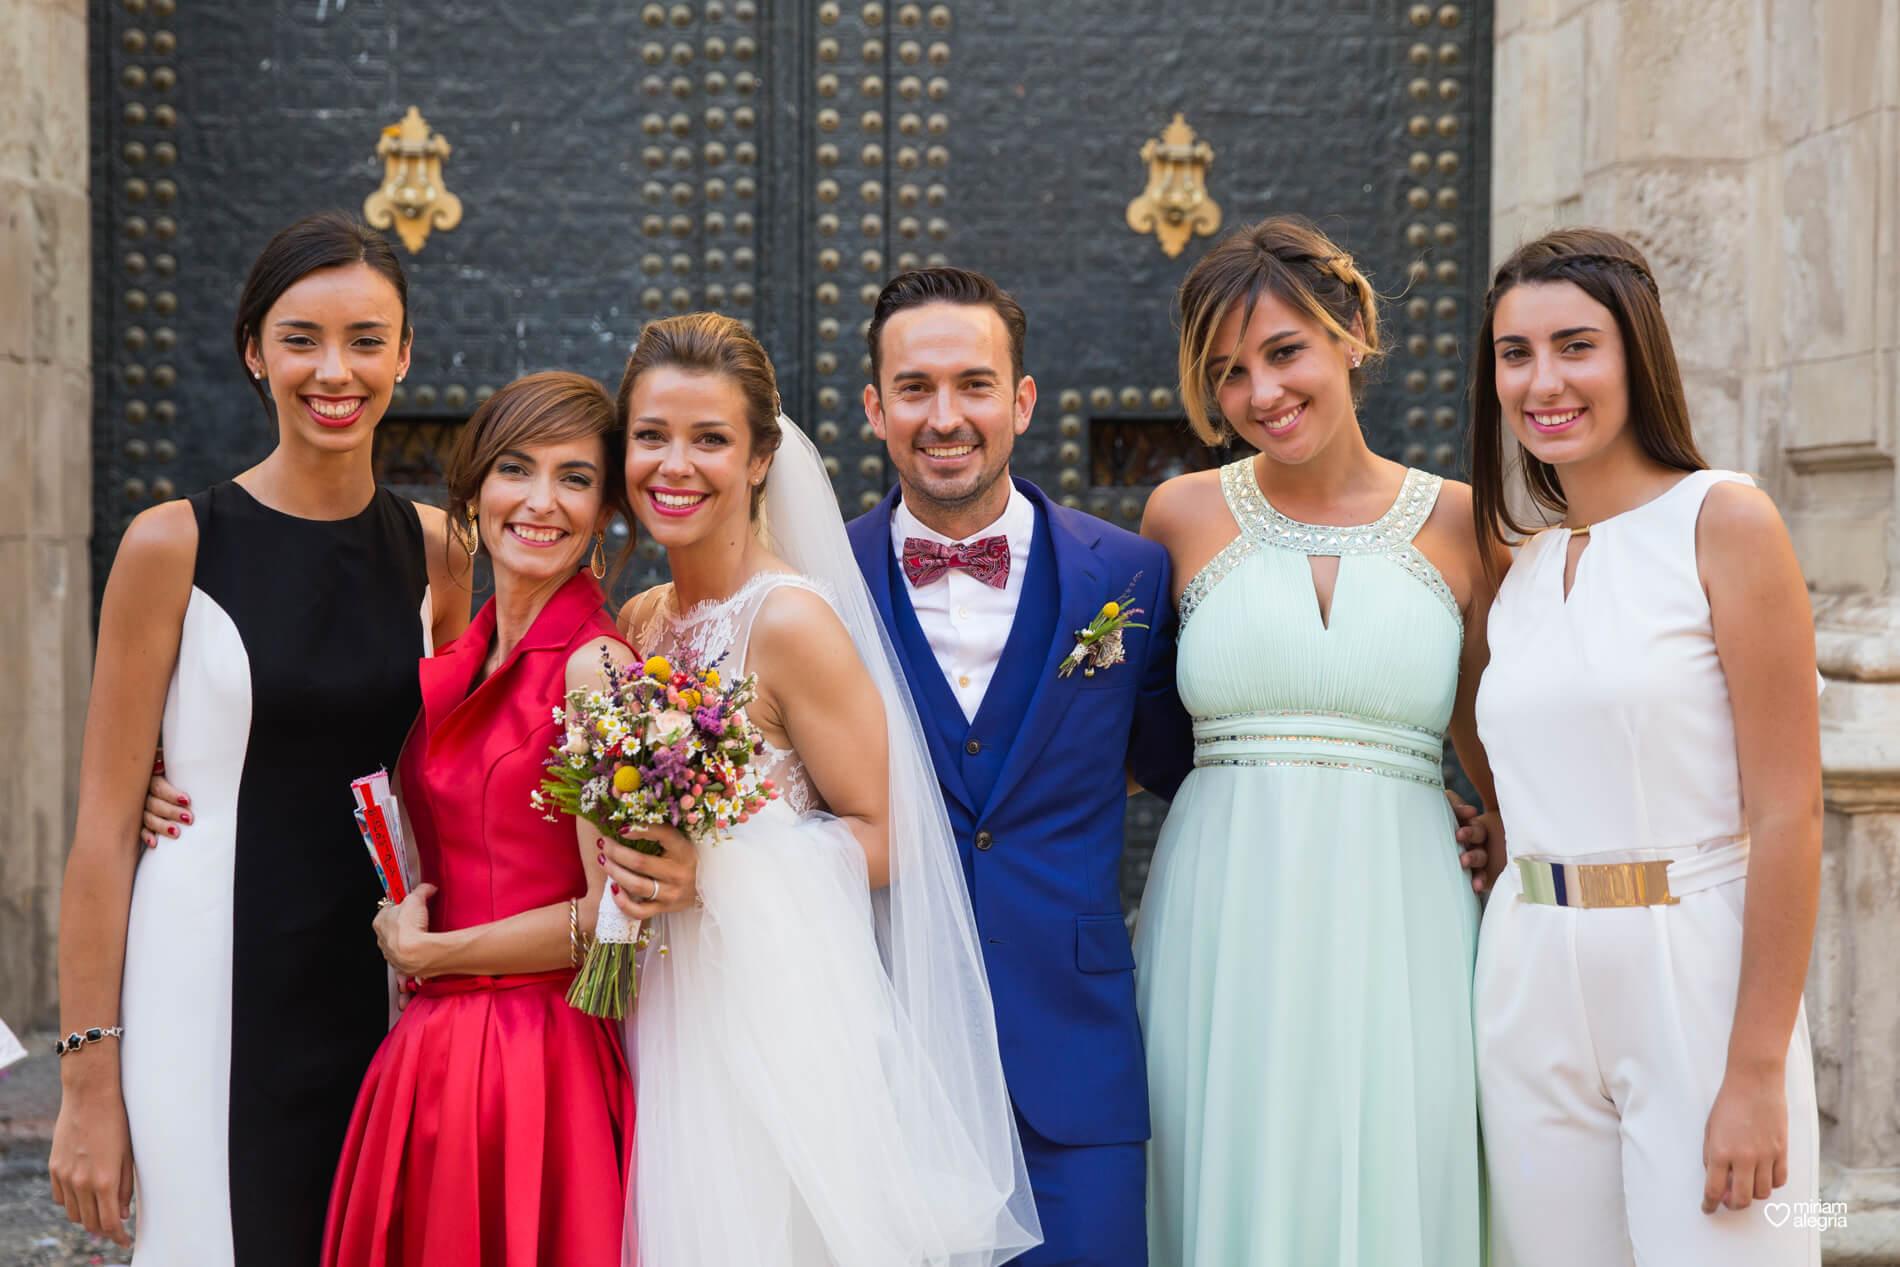 wedding-huerto-del-cura-elche-miriam-alegria-fotografos-boda-257